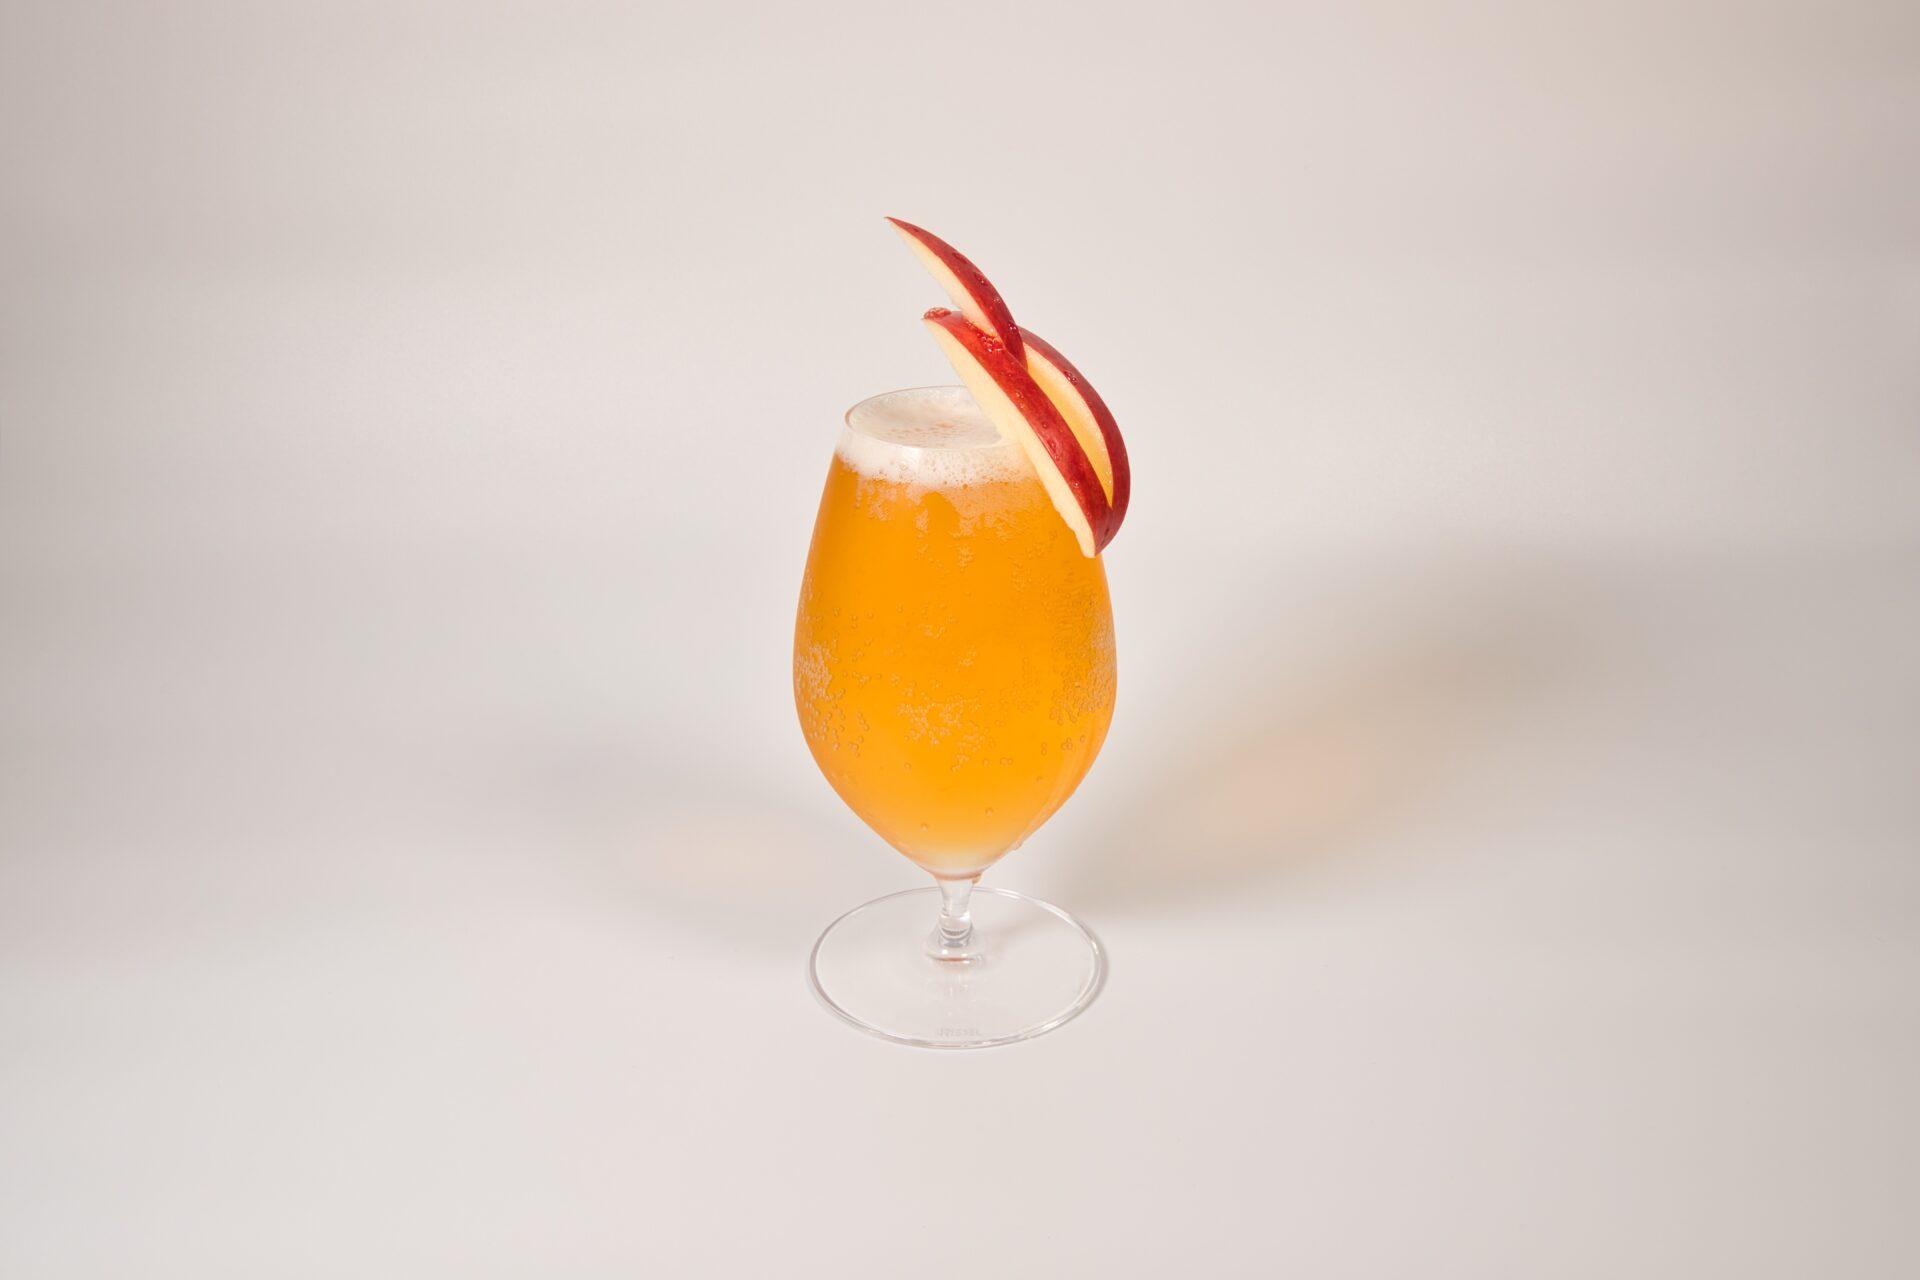 ノンアルコールりんごビール